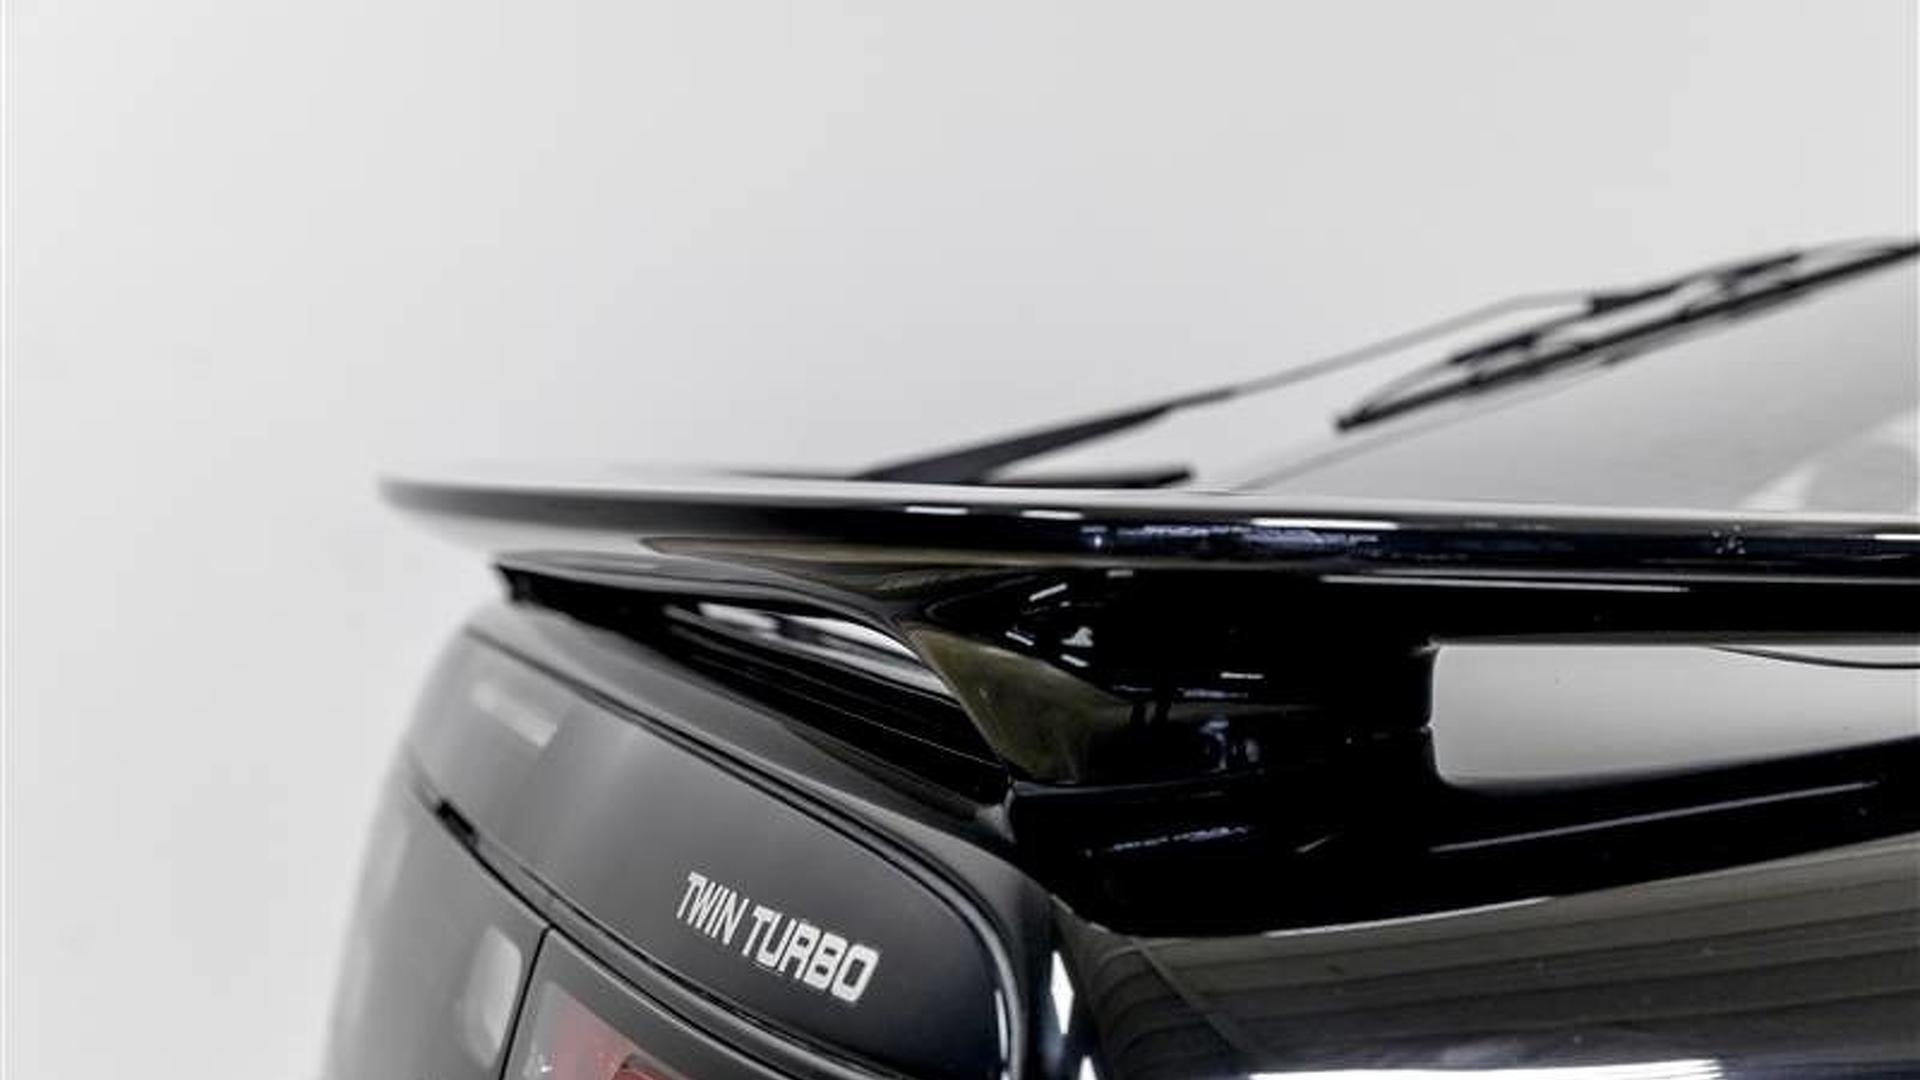 1996_Nissan_300ZX_Turbo_eBay_15